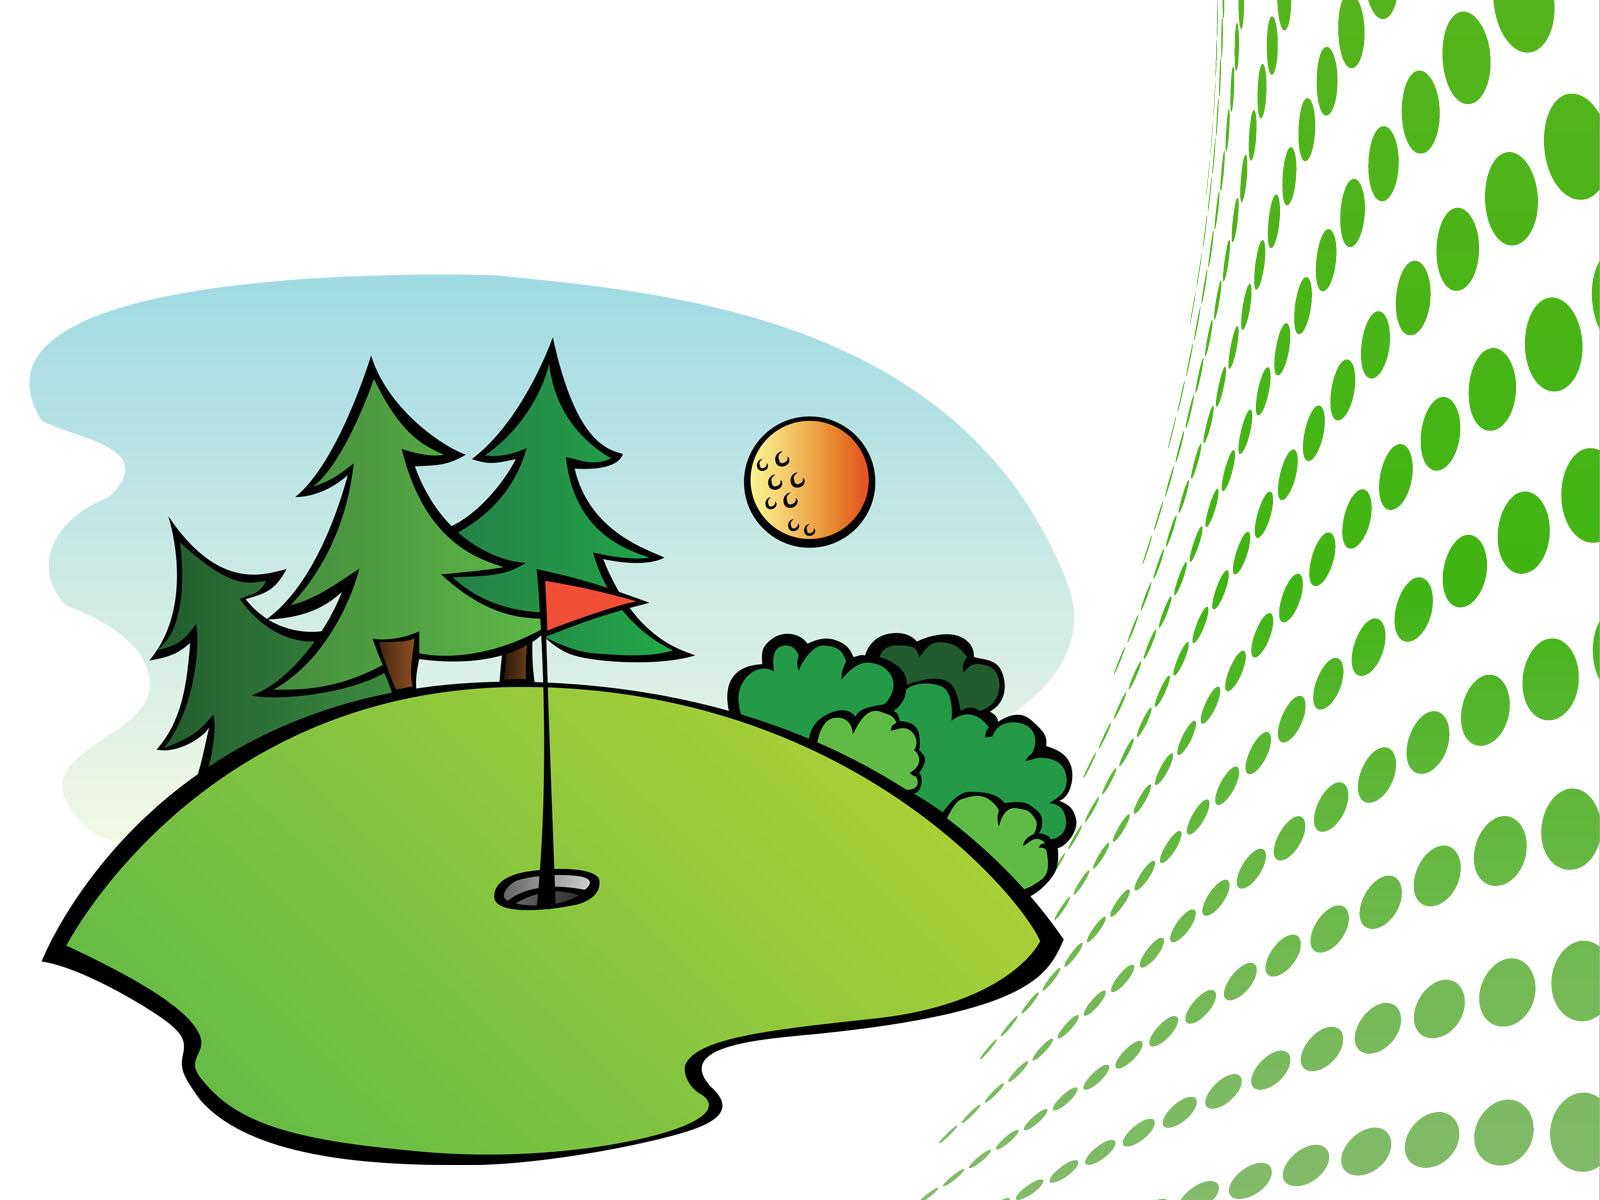 Free golfurse clip art. Golfing clipart golf field